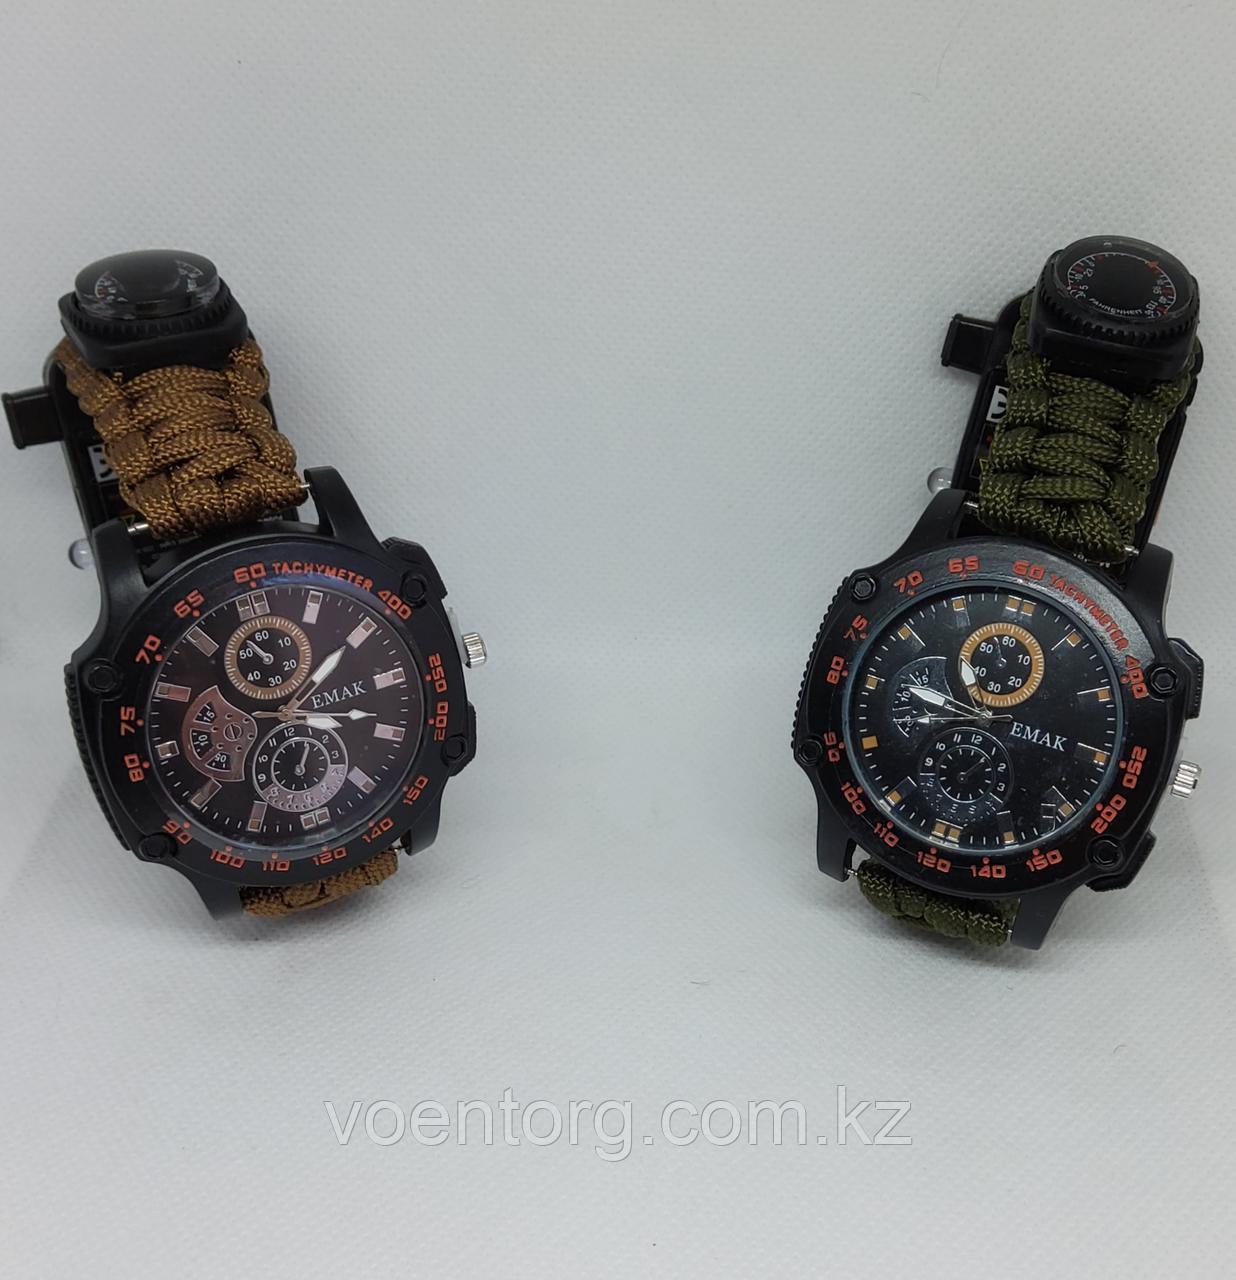 Тактические часы с паракордовым браслетом